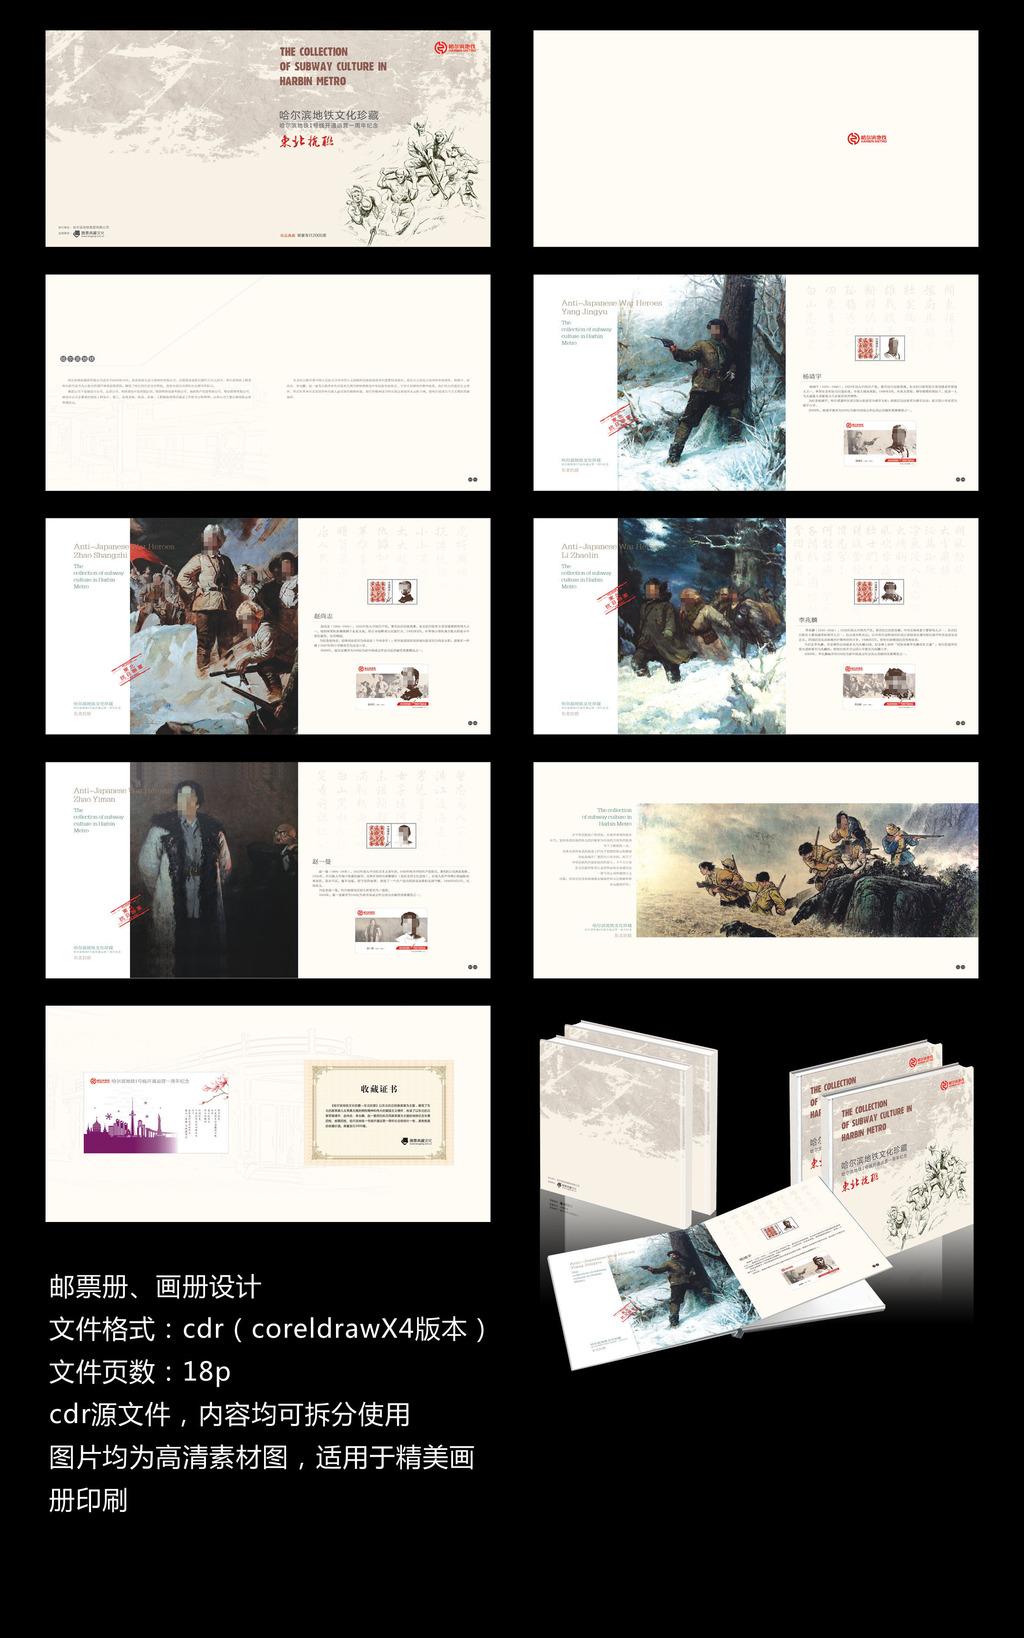 产品画册设计模板邮票册画册版式设计